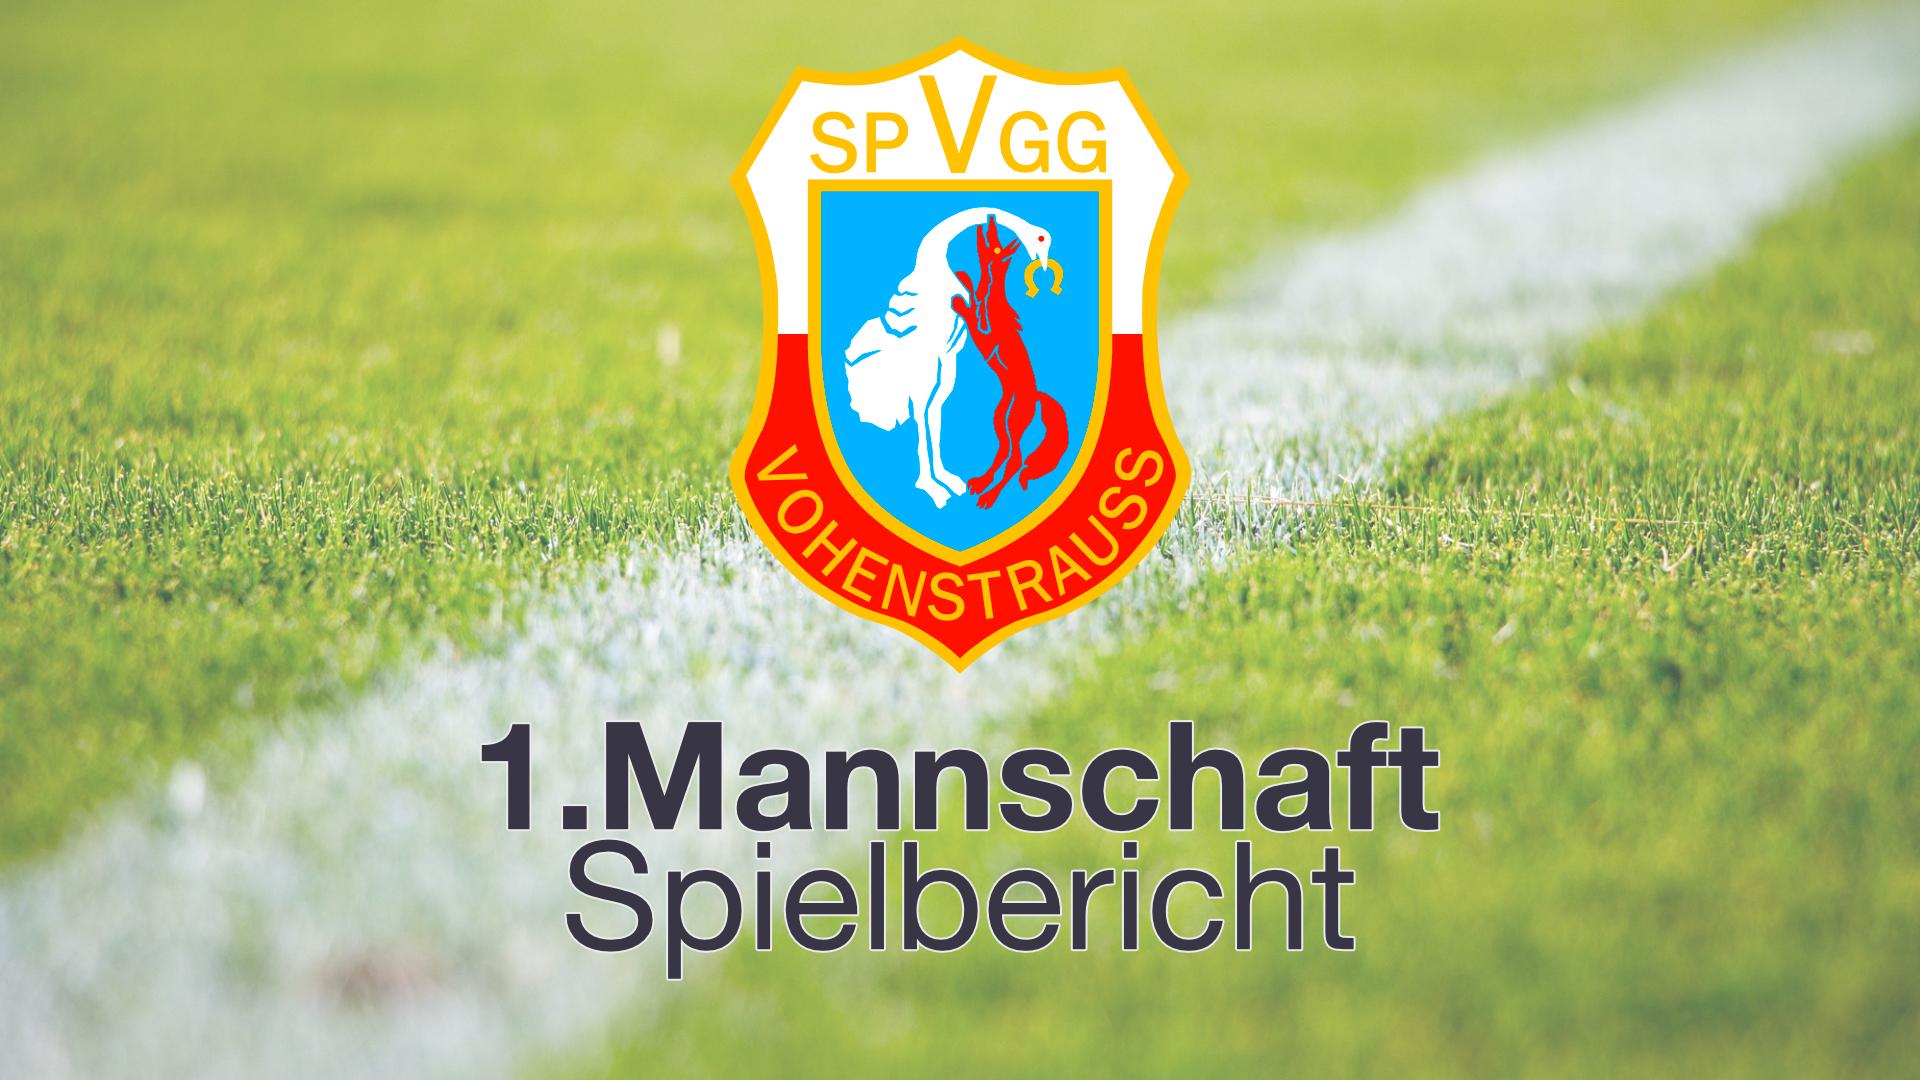 Spielbericht | SpVgg Vohenstrauß - SV Raigering